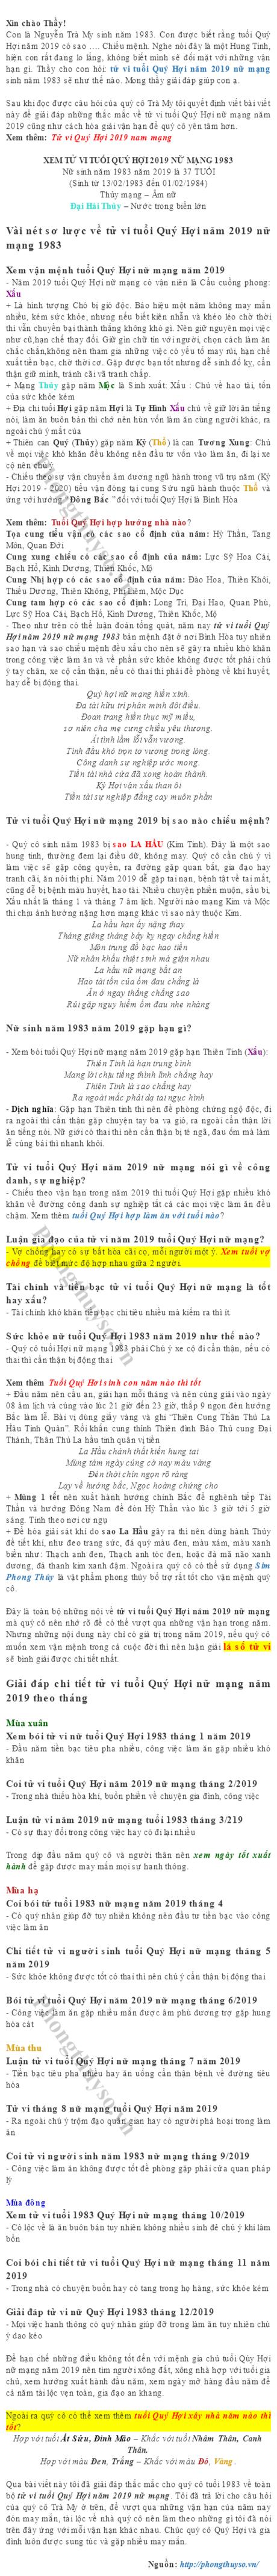 tu-vi-tuoi-quy-hoi-nam-2019-nu-mang